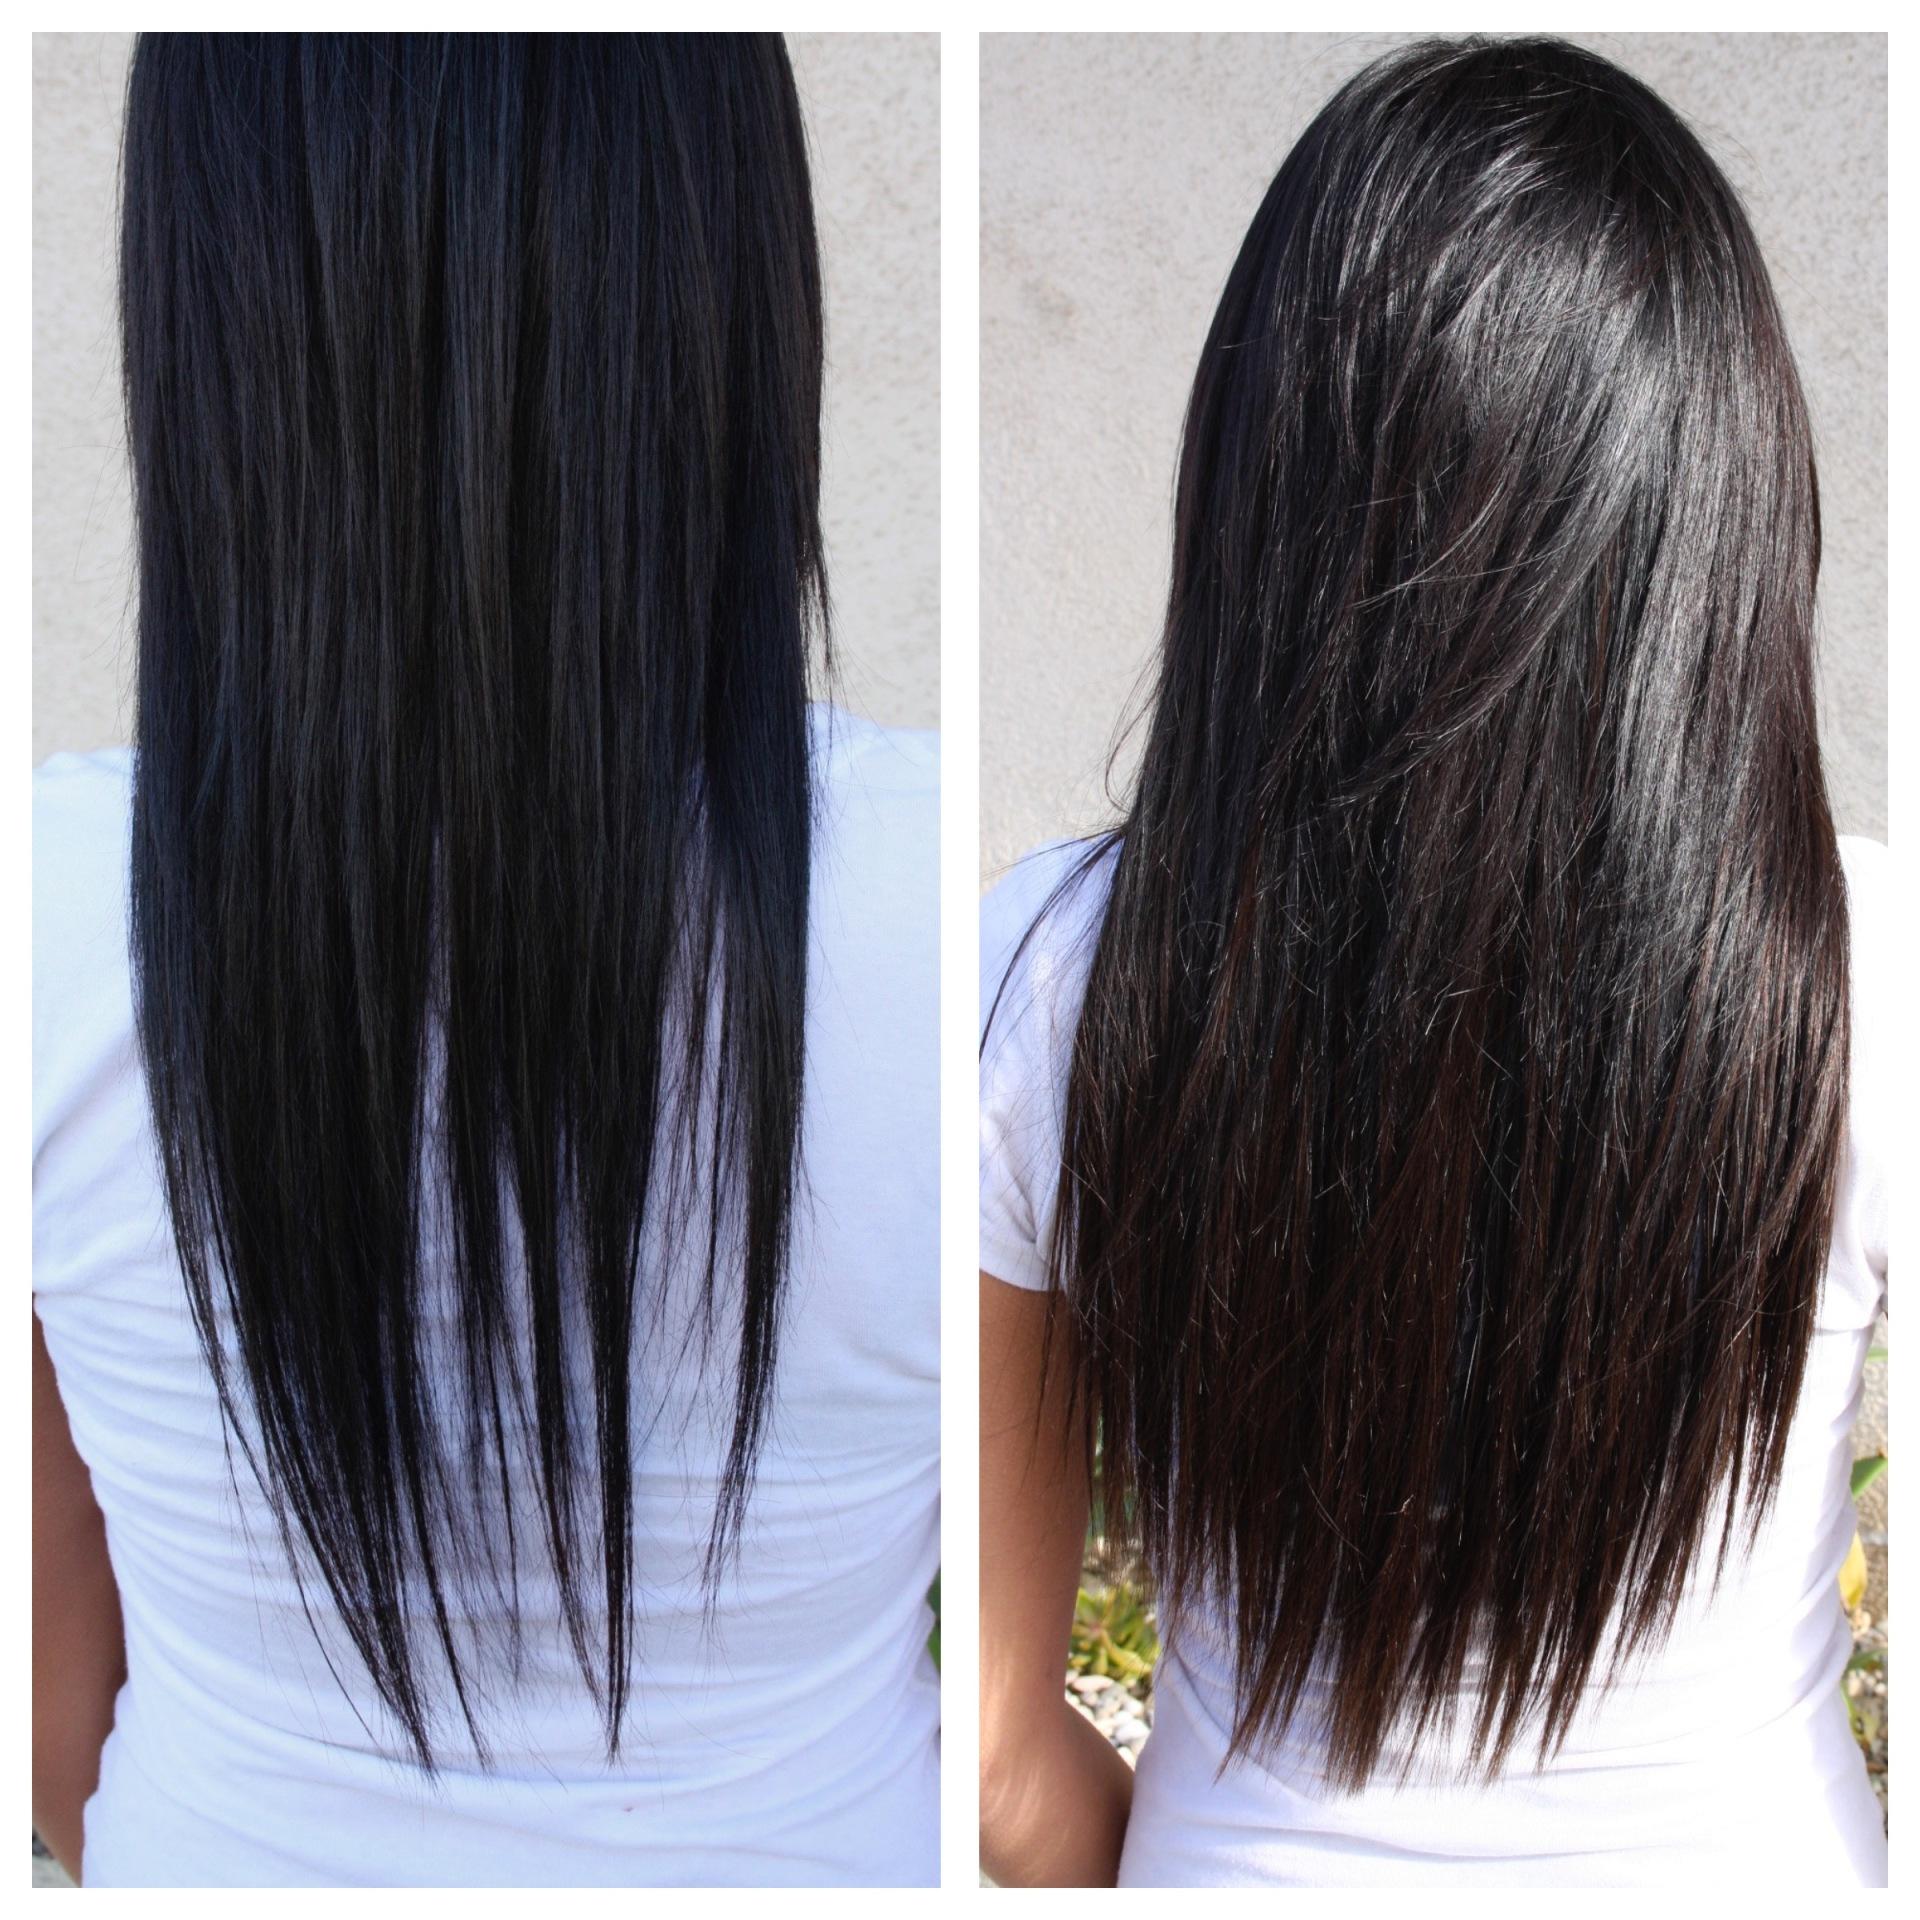 Santa Monica hair extensions